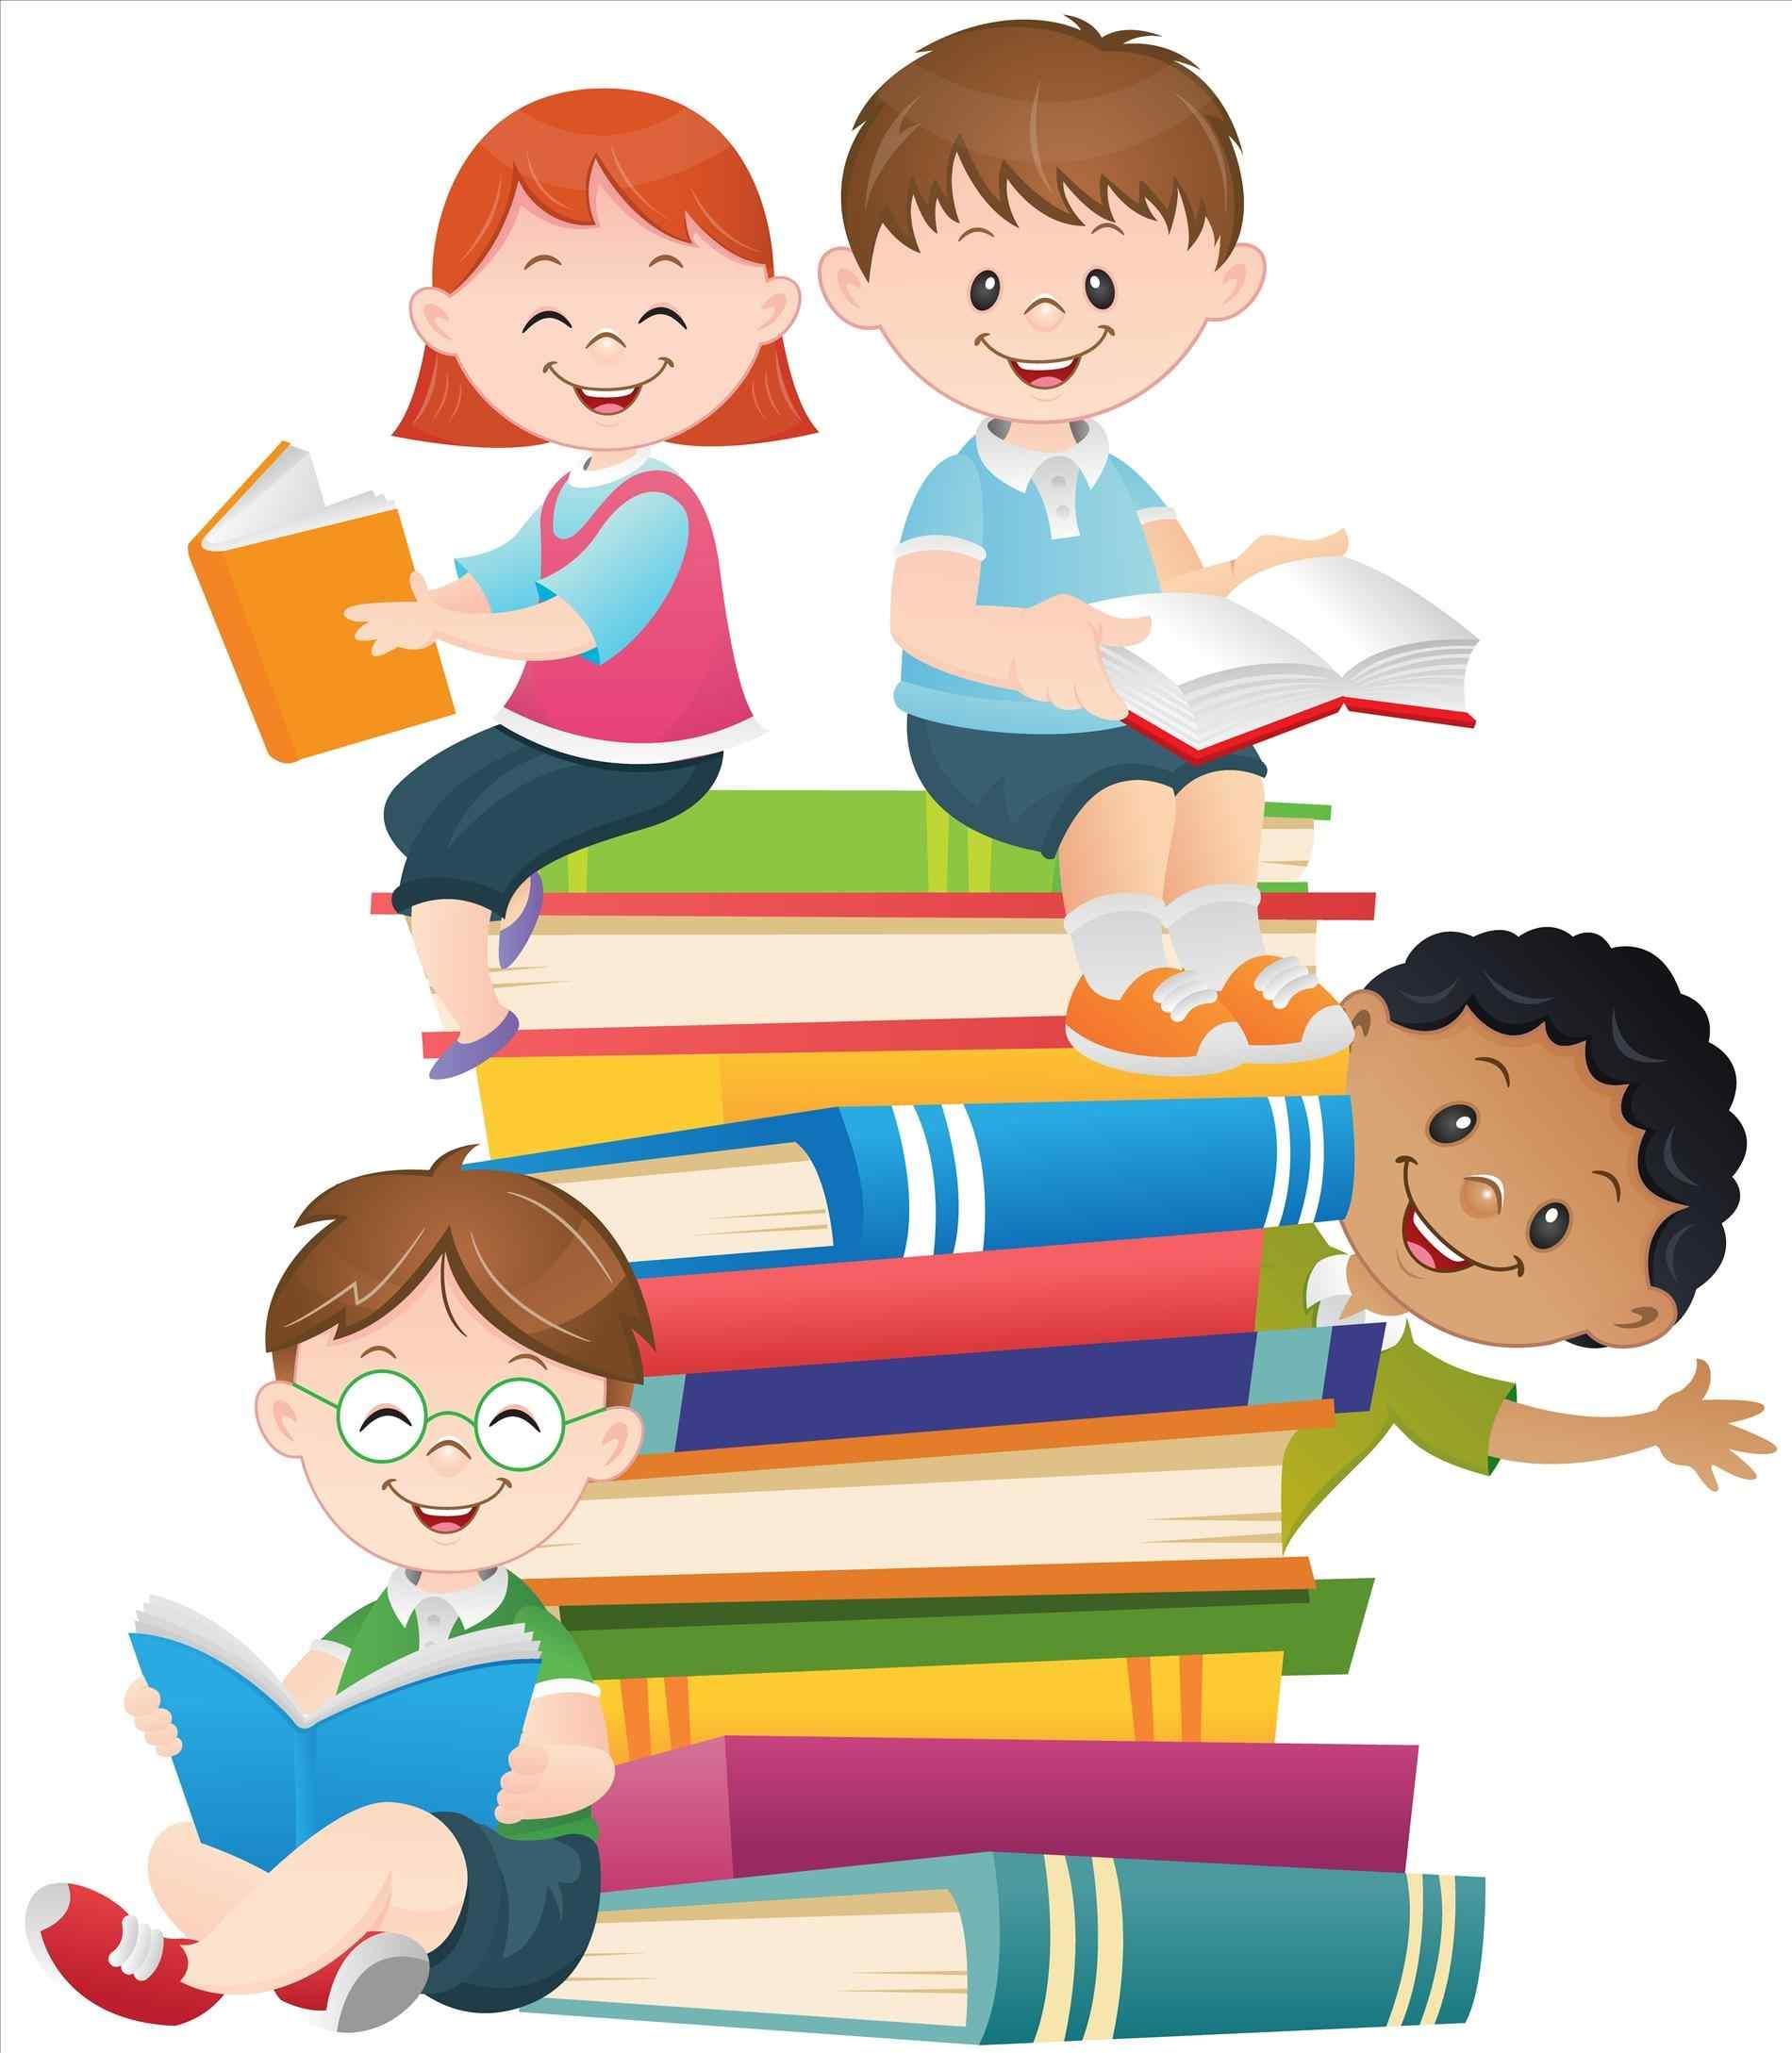 clipart library hospi noiseworks co rh hospi noiseworks co library books clipart library books clip art free